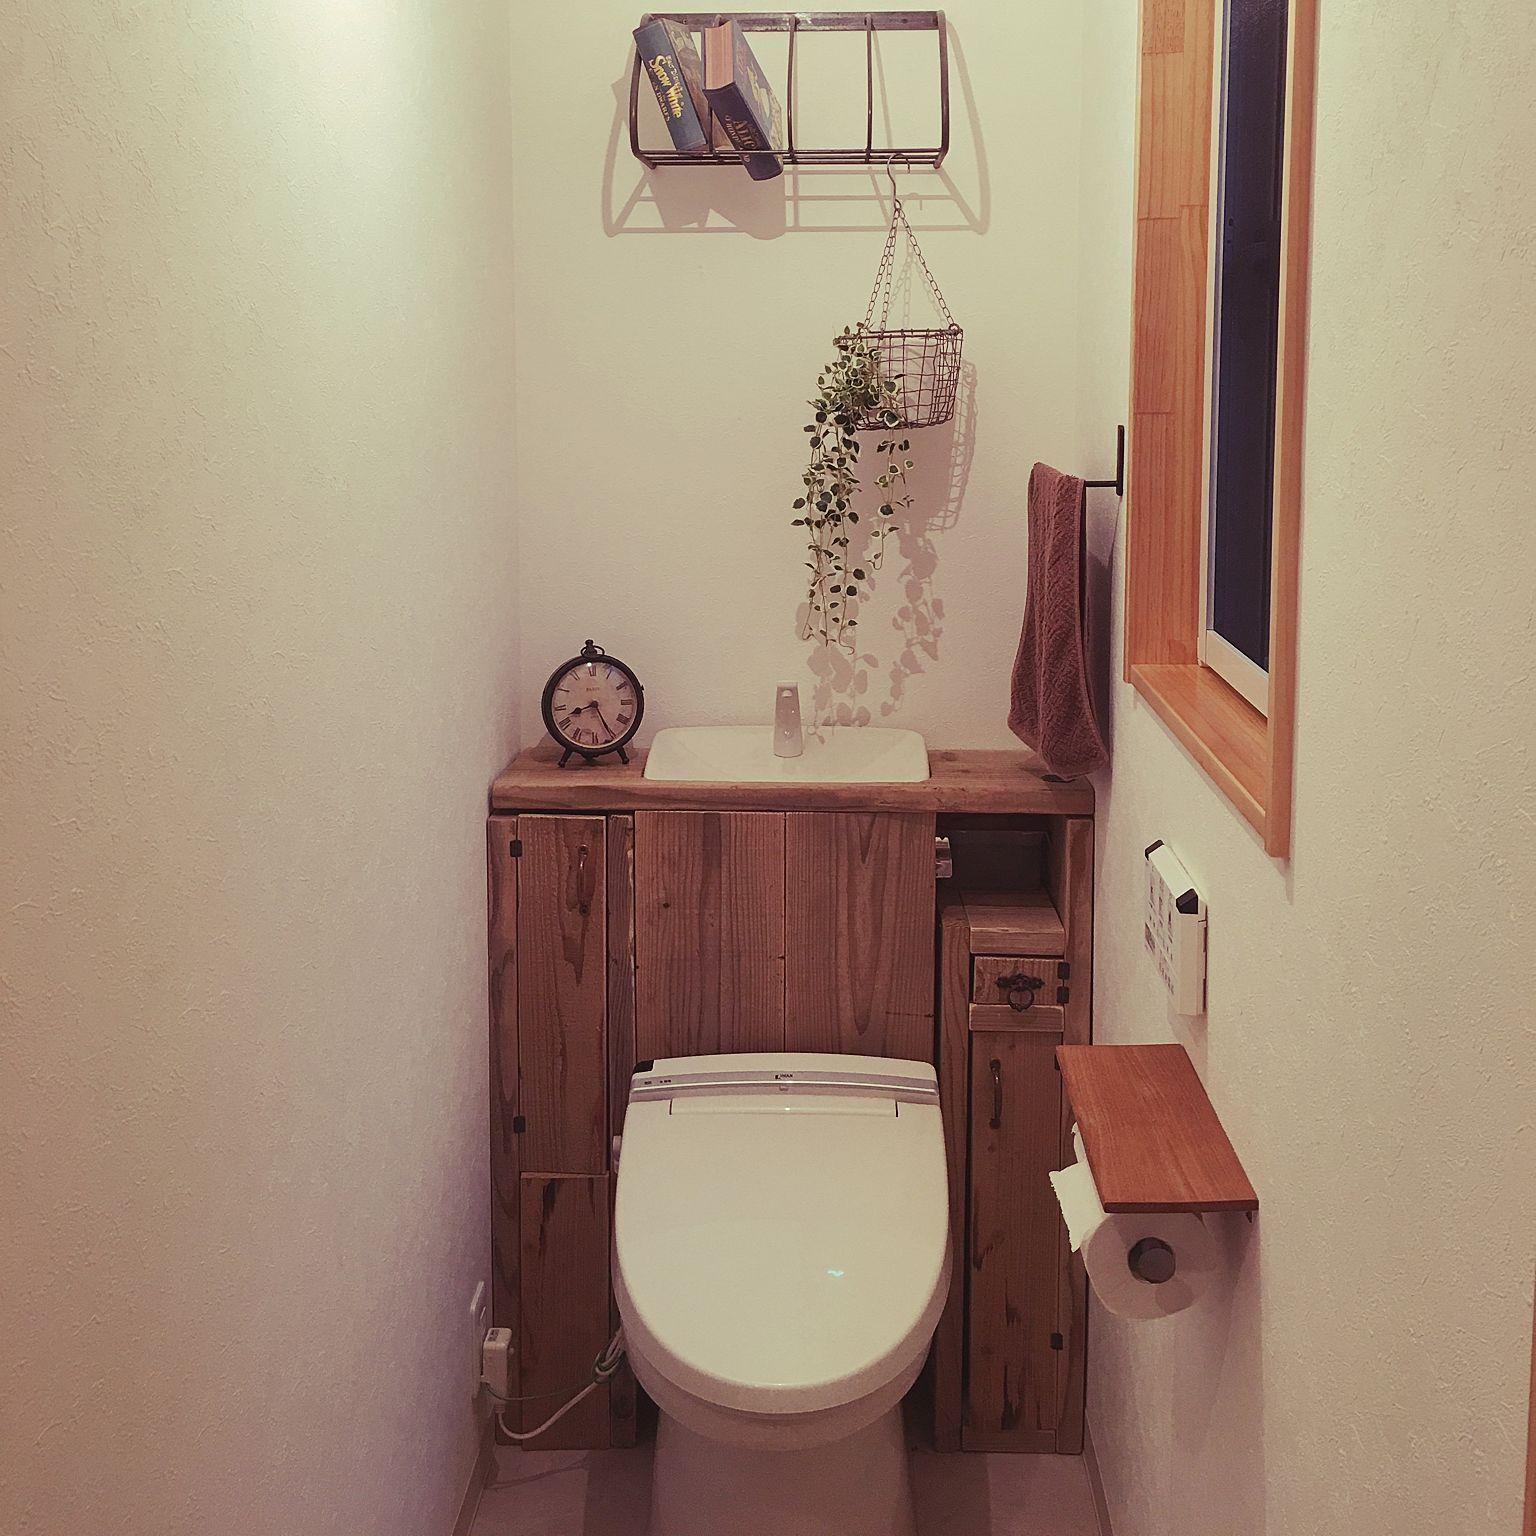 バス トイレ トイレタンク隠し Diy トイレ改造 トイレ収納 タンクレス